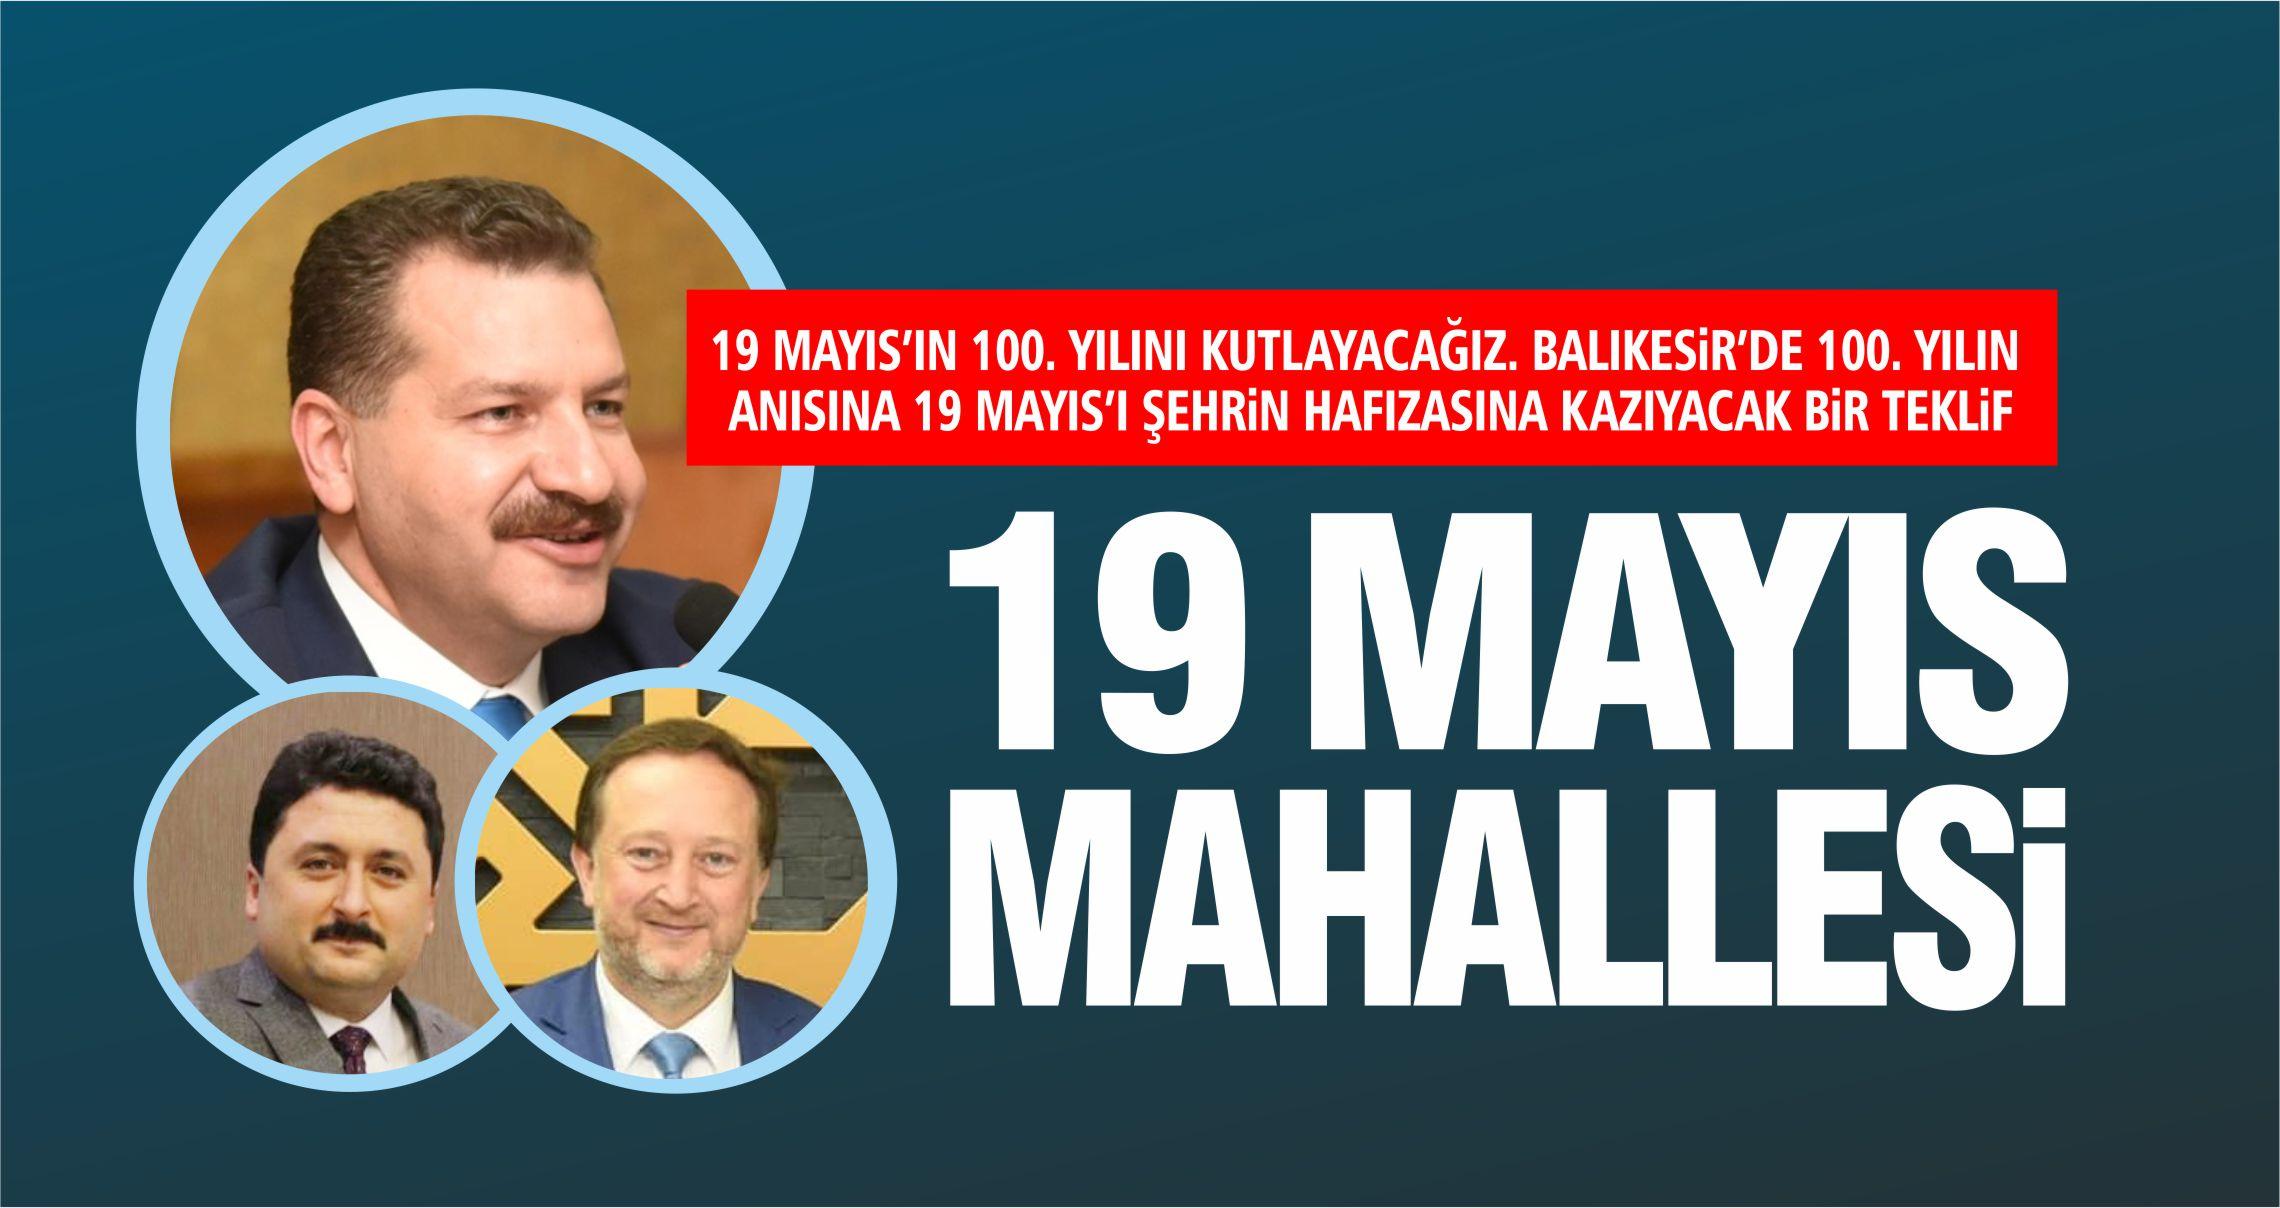 19 MAYIS'IN 100. YILINDA BALIKESİR'E DÜŞEN GÖREV